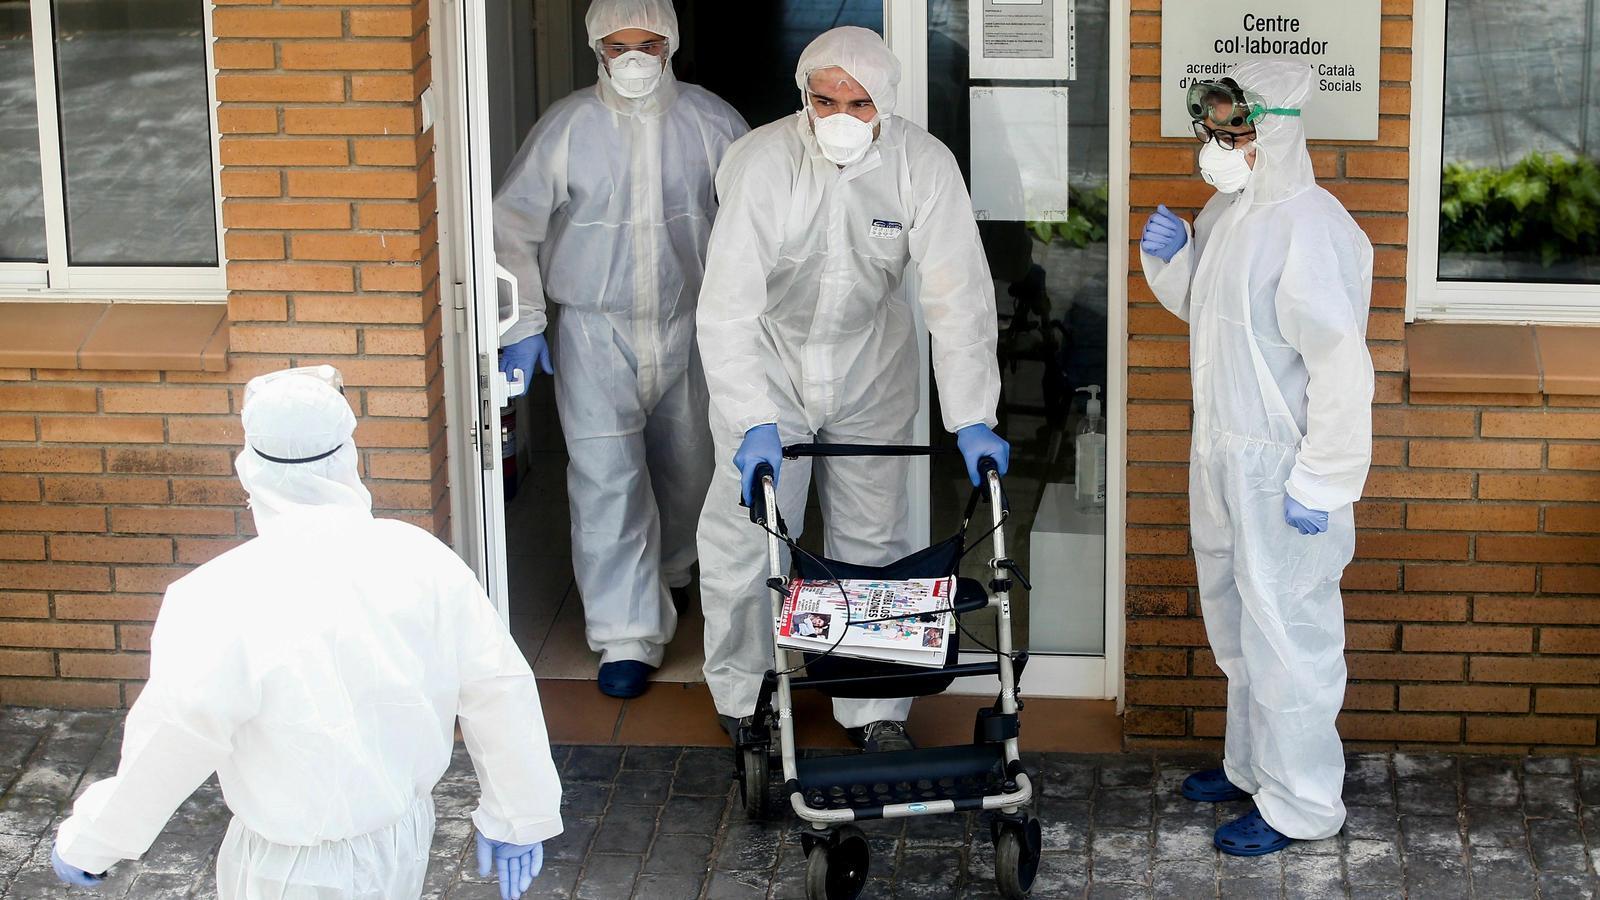 La Generalitat eleva a 511 els morts per coronavirus en residències de gent gran